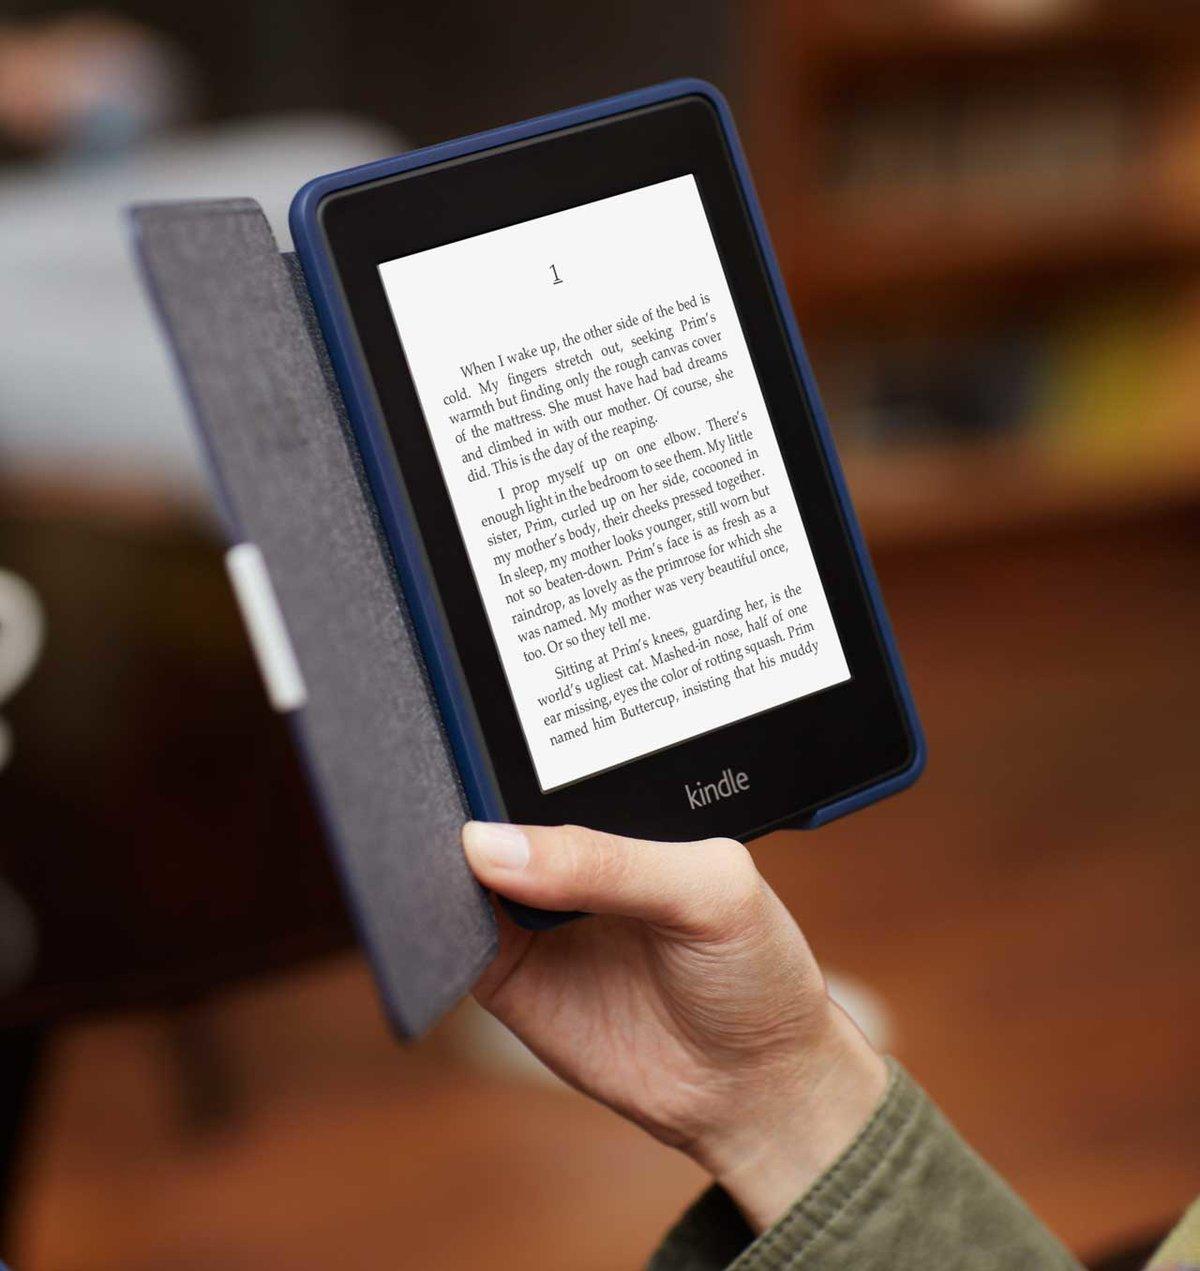 приобретать качественный формат для чтения книг с картинками контурная пластика